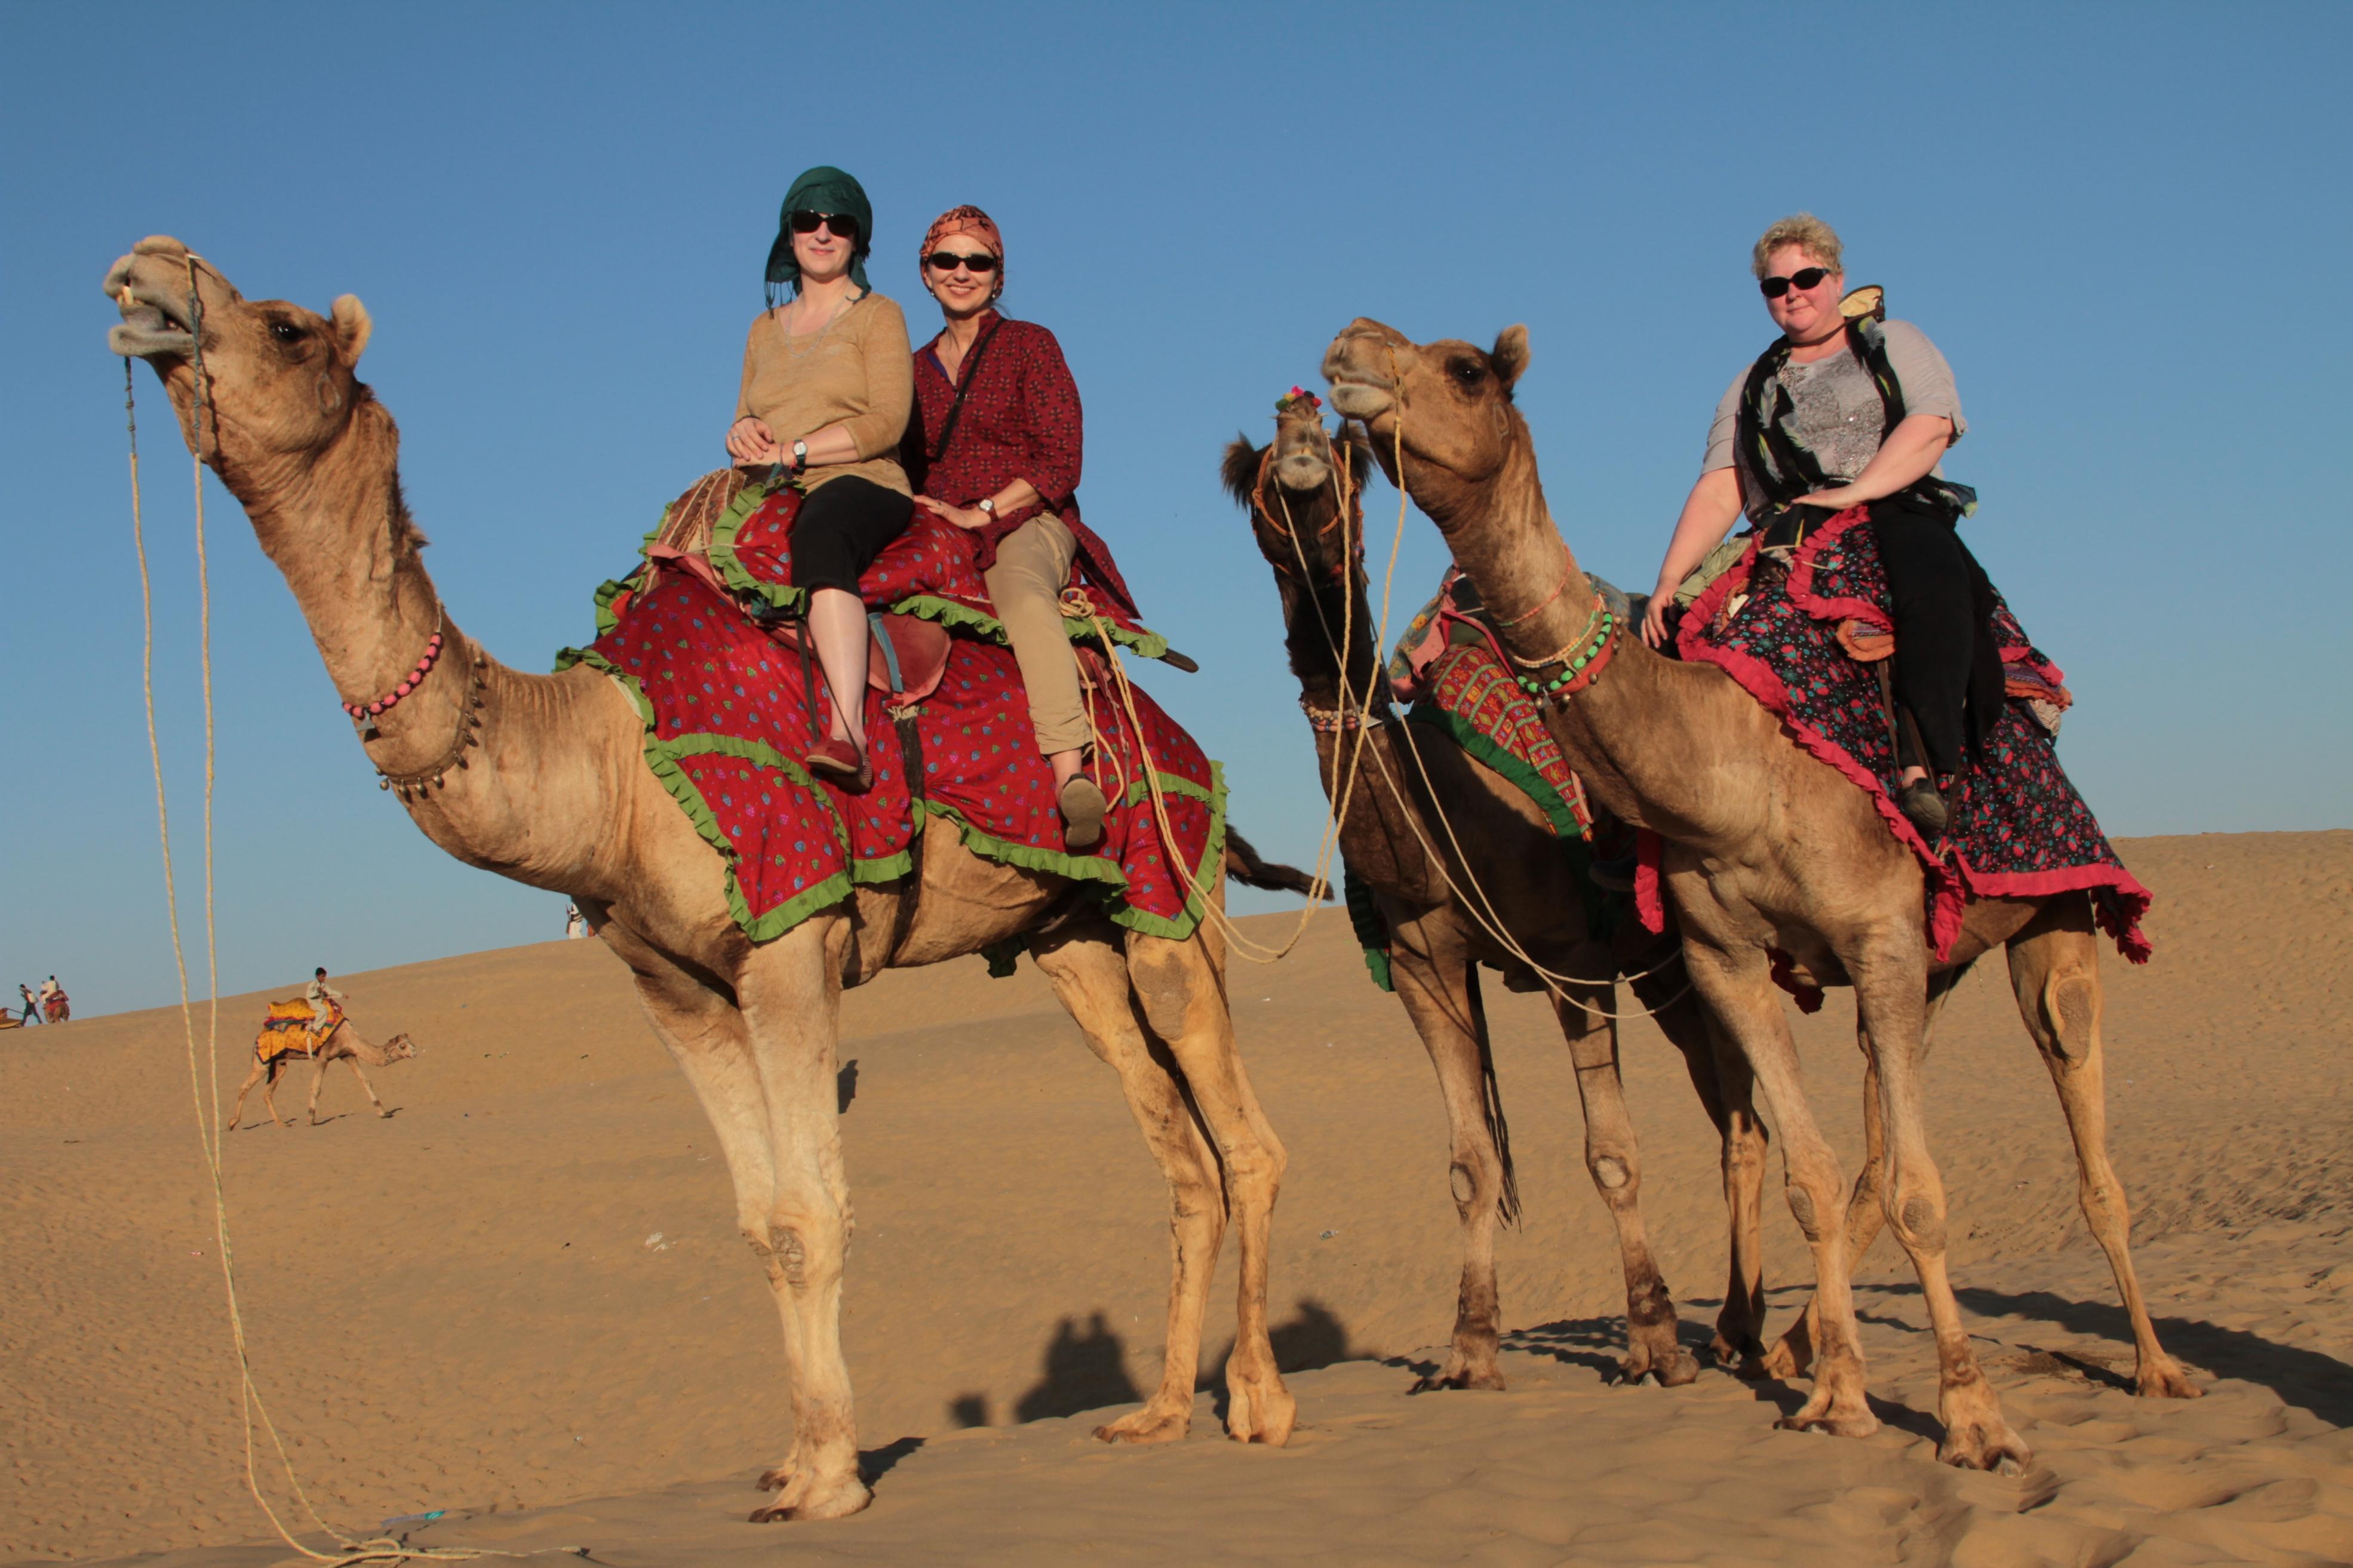 Camel ride in the Thar Desert